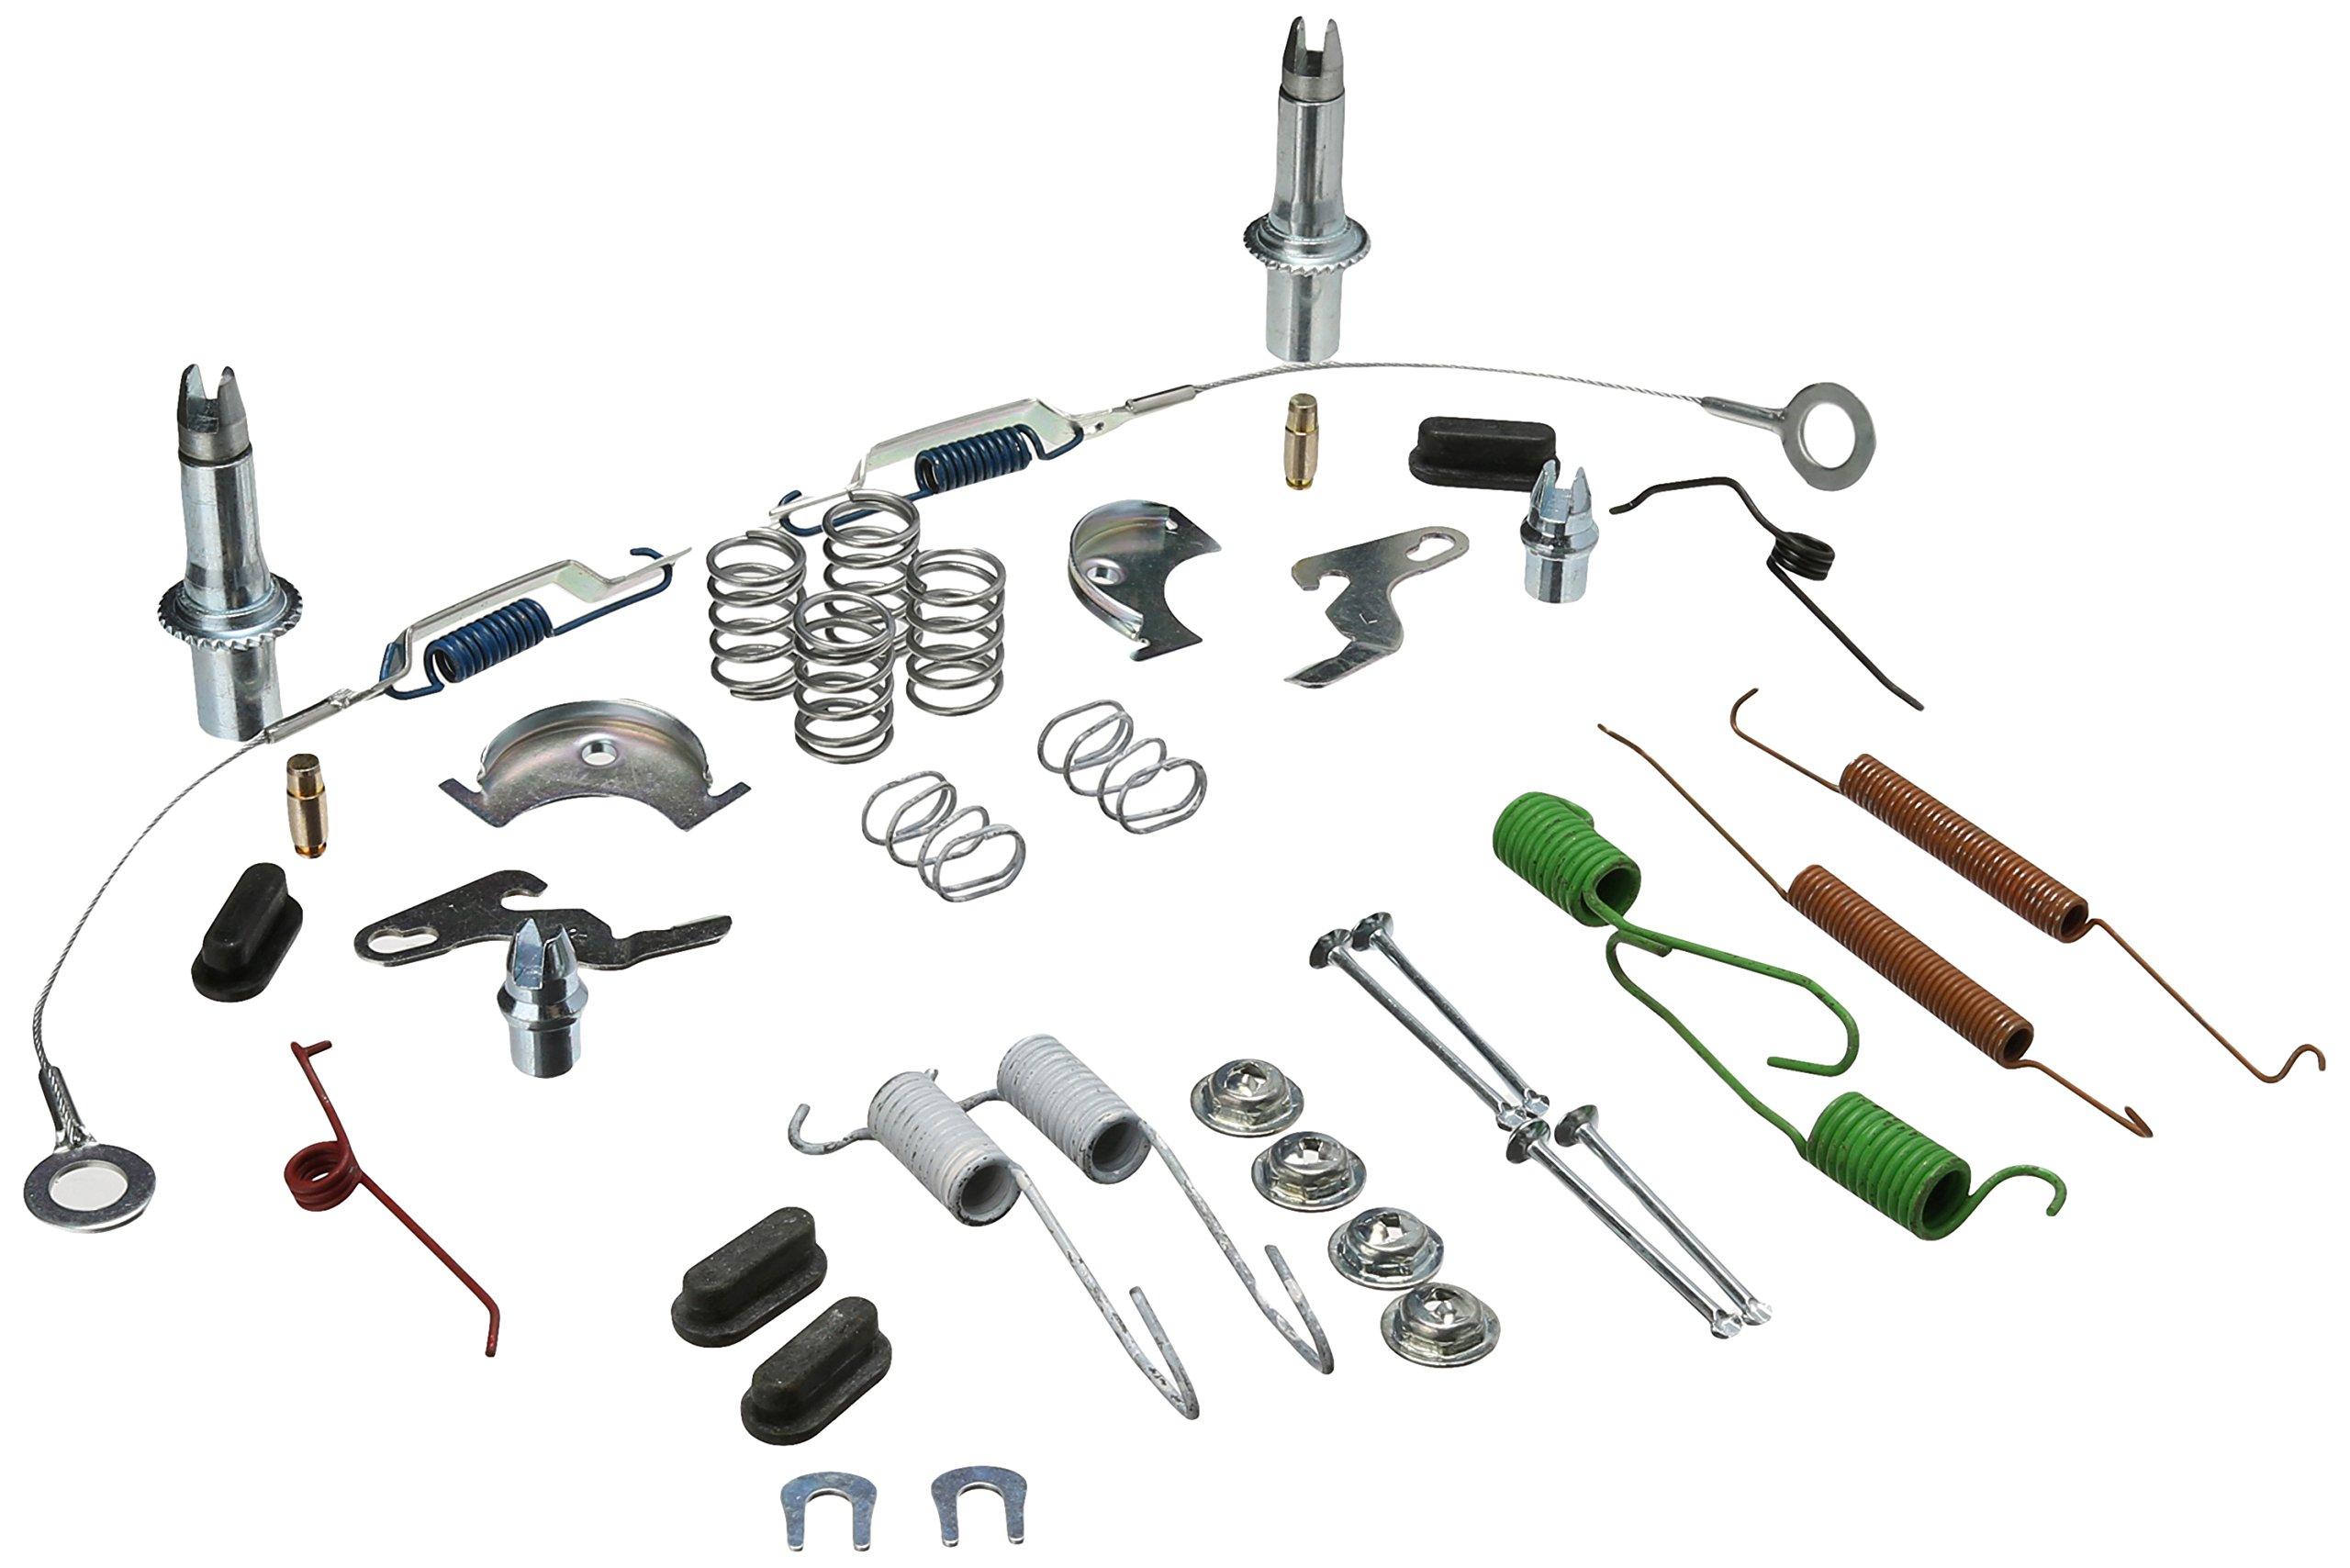 Carlson H2334 Rear Drum Brake Hardware Kit by Carlson